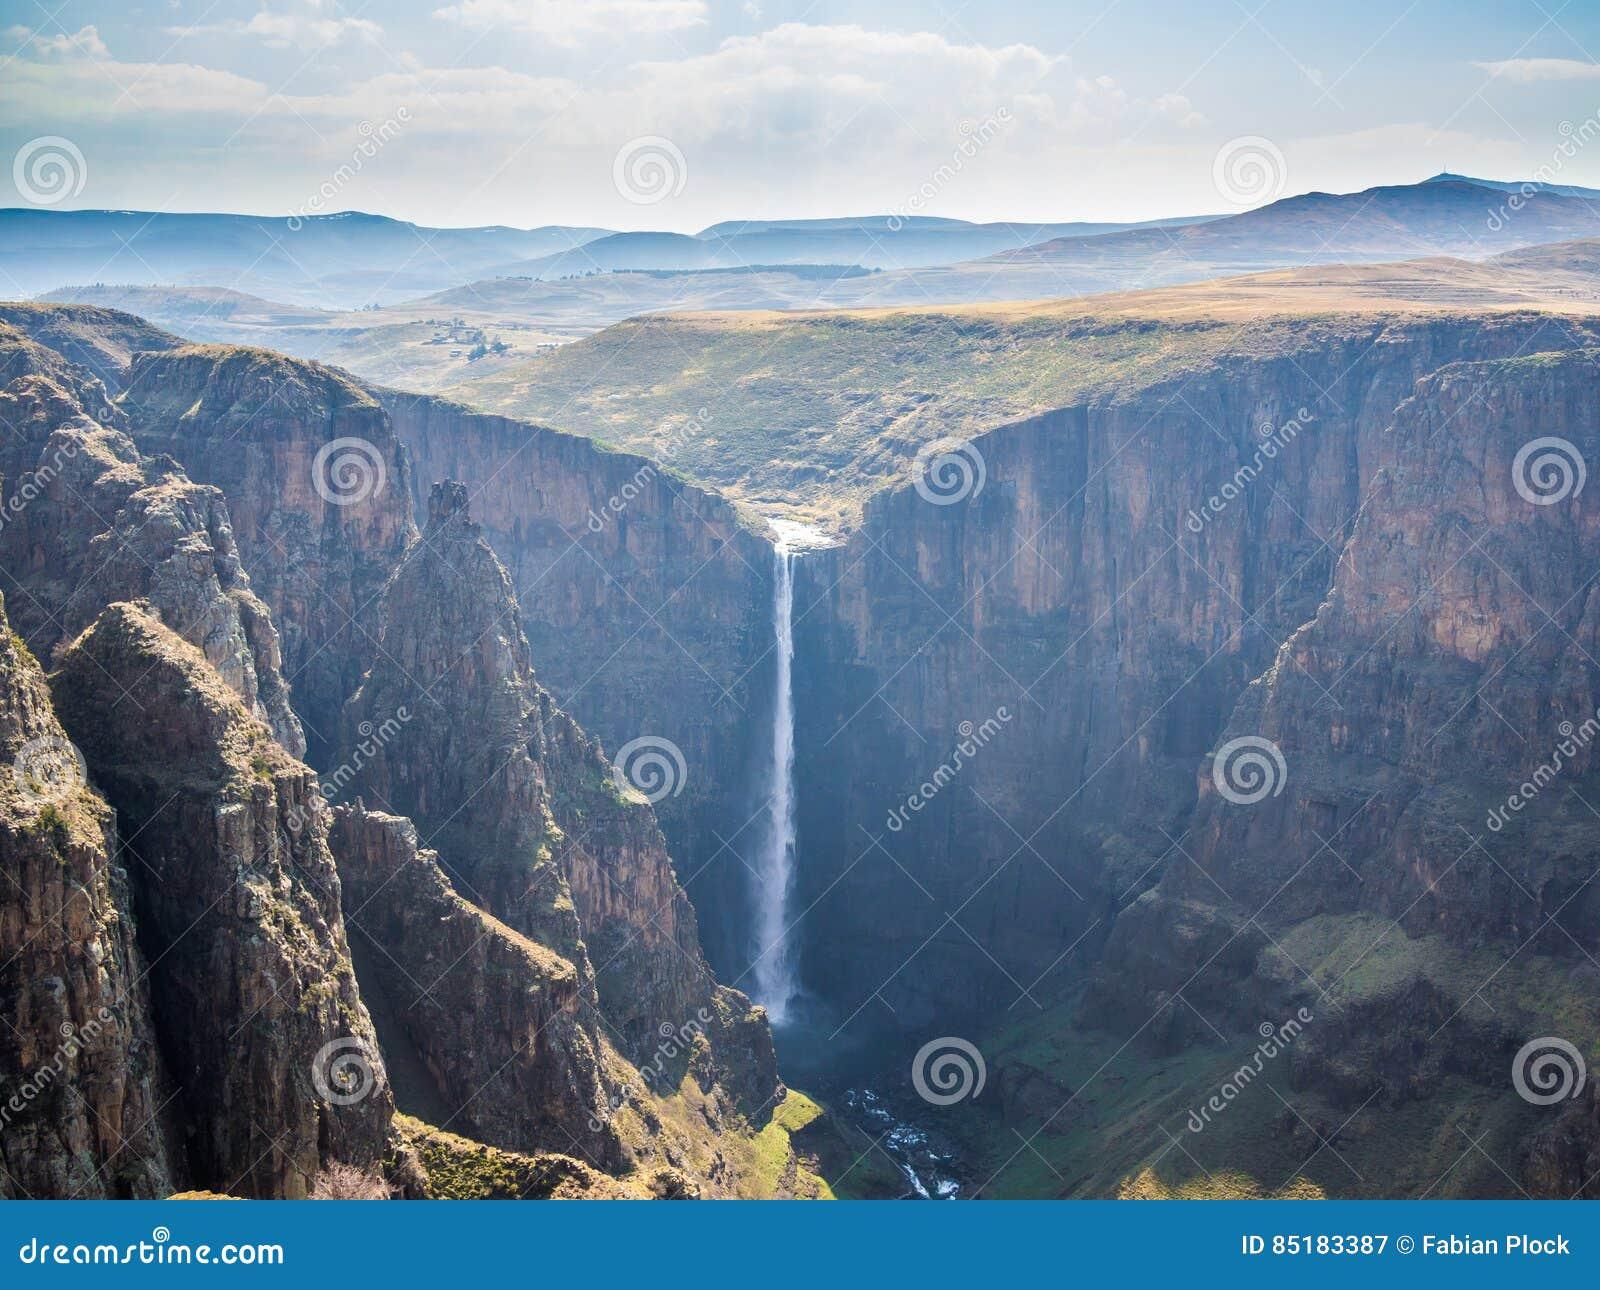 Wielki jar w górzystych średniogórzach blisko Semonkong i, Lesotho, Afryka